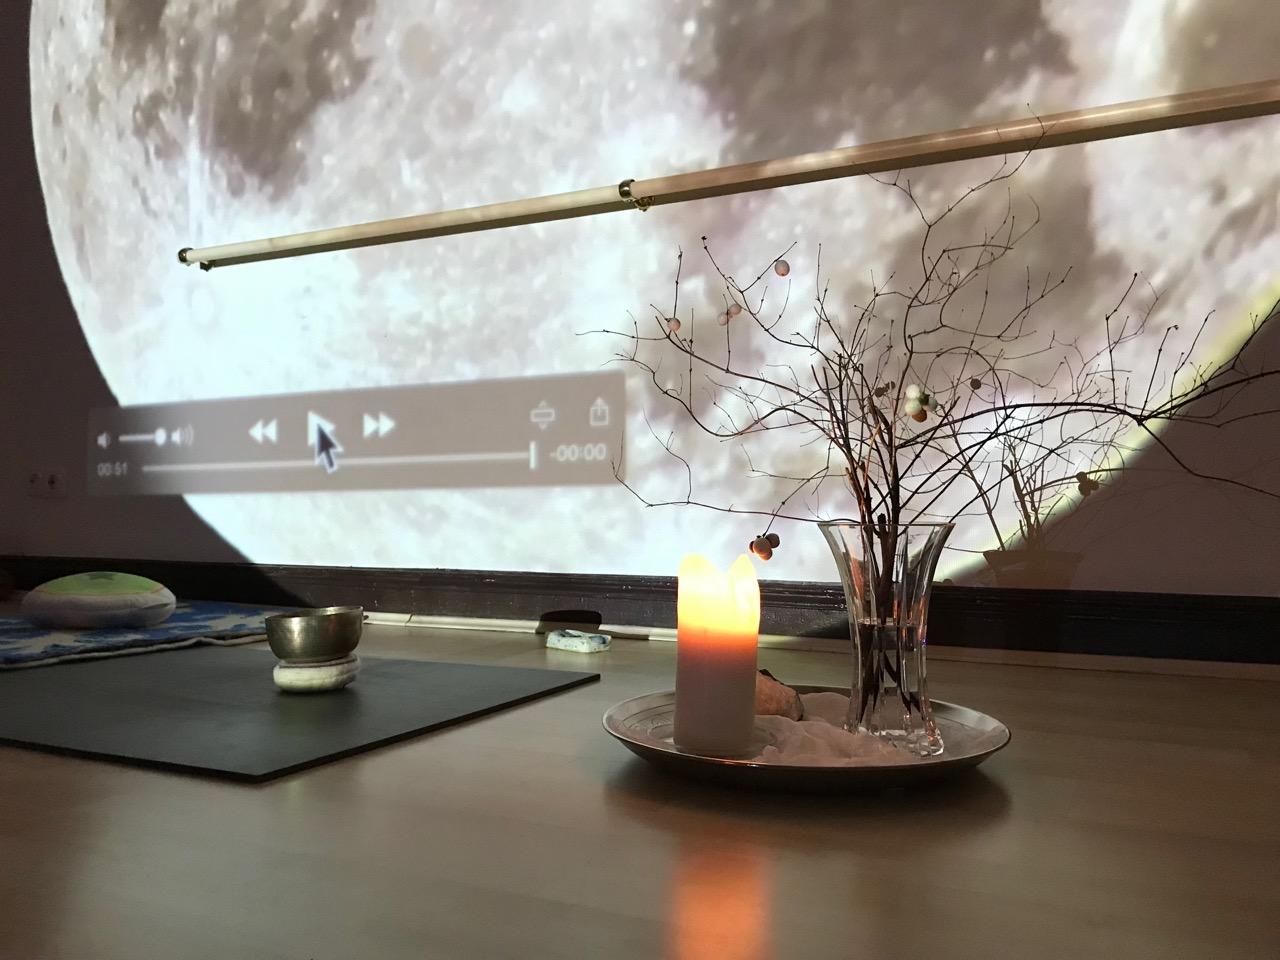 Yoga Vollmond: Ein Tabeltt mit einer Vase voll Zweigen und eine Kerze vor einem Mond-Foto